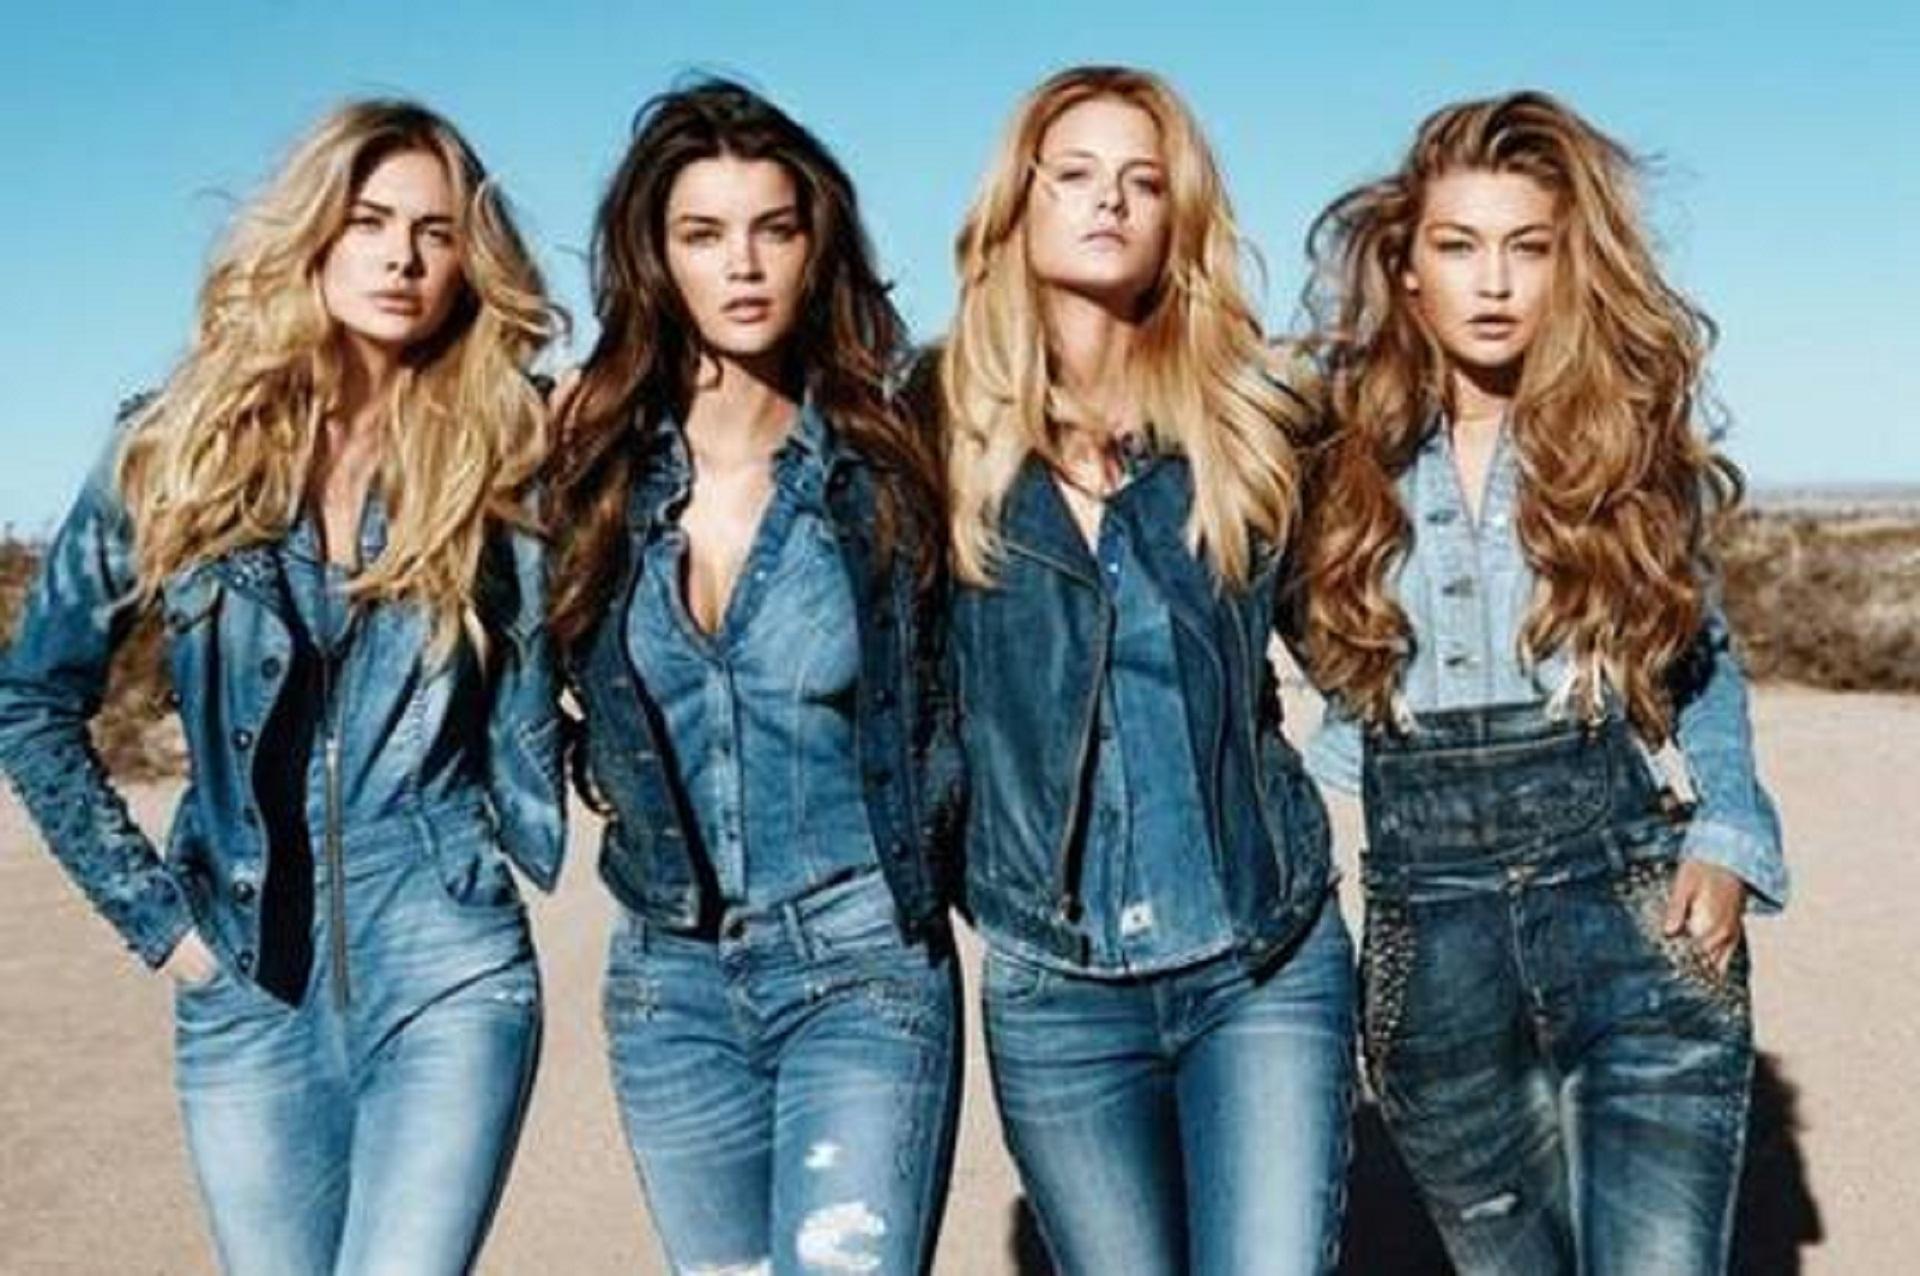 профессиональные фото на джинсовую тему будет организмом